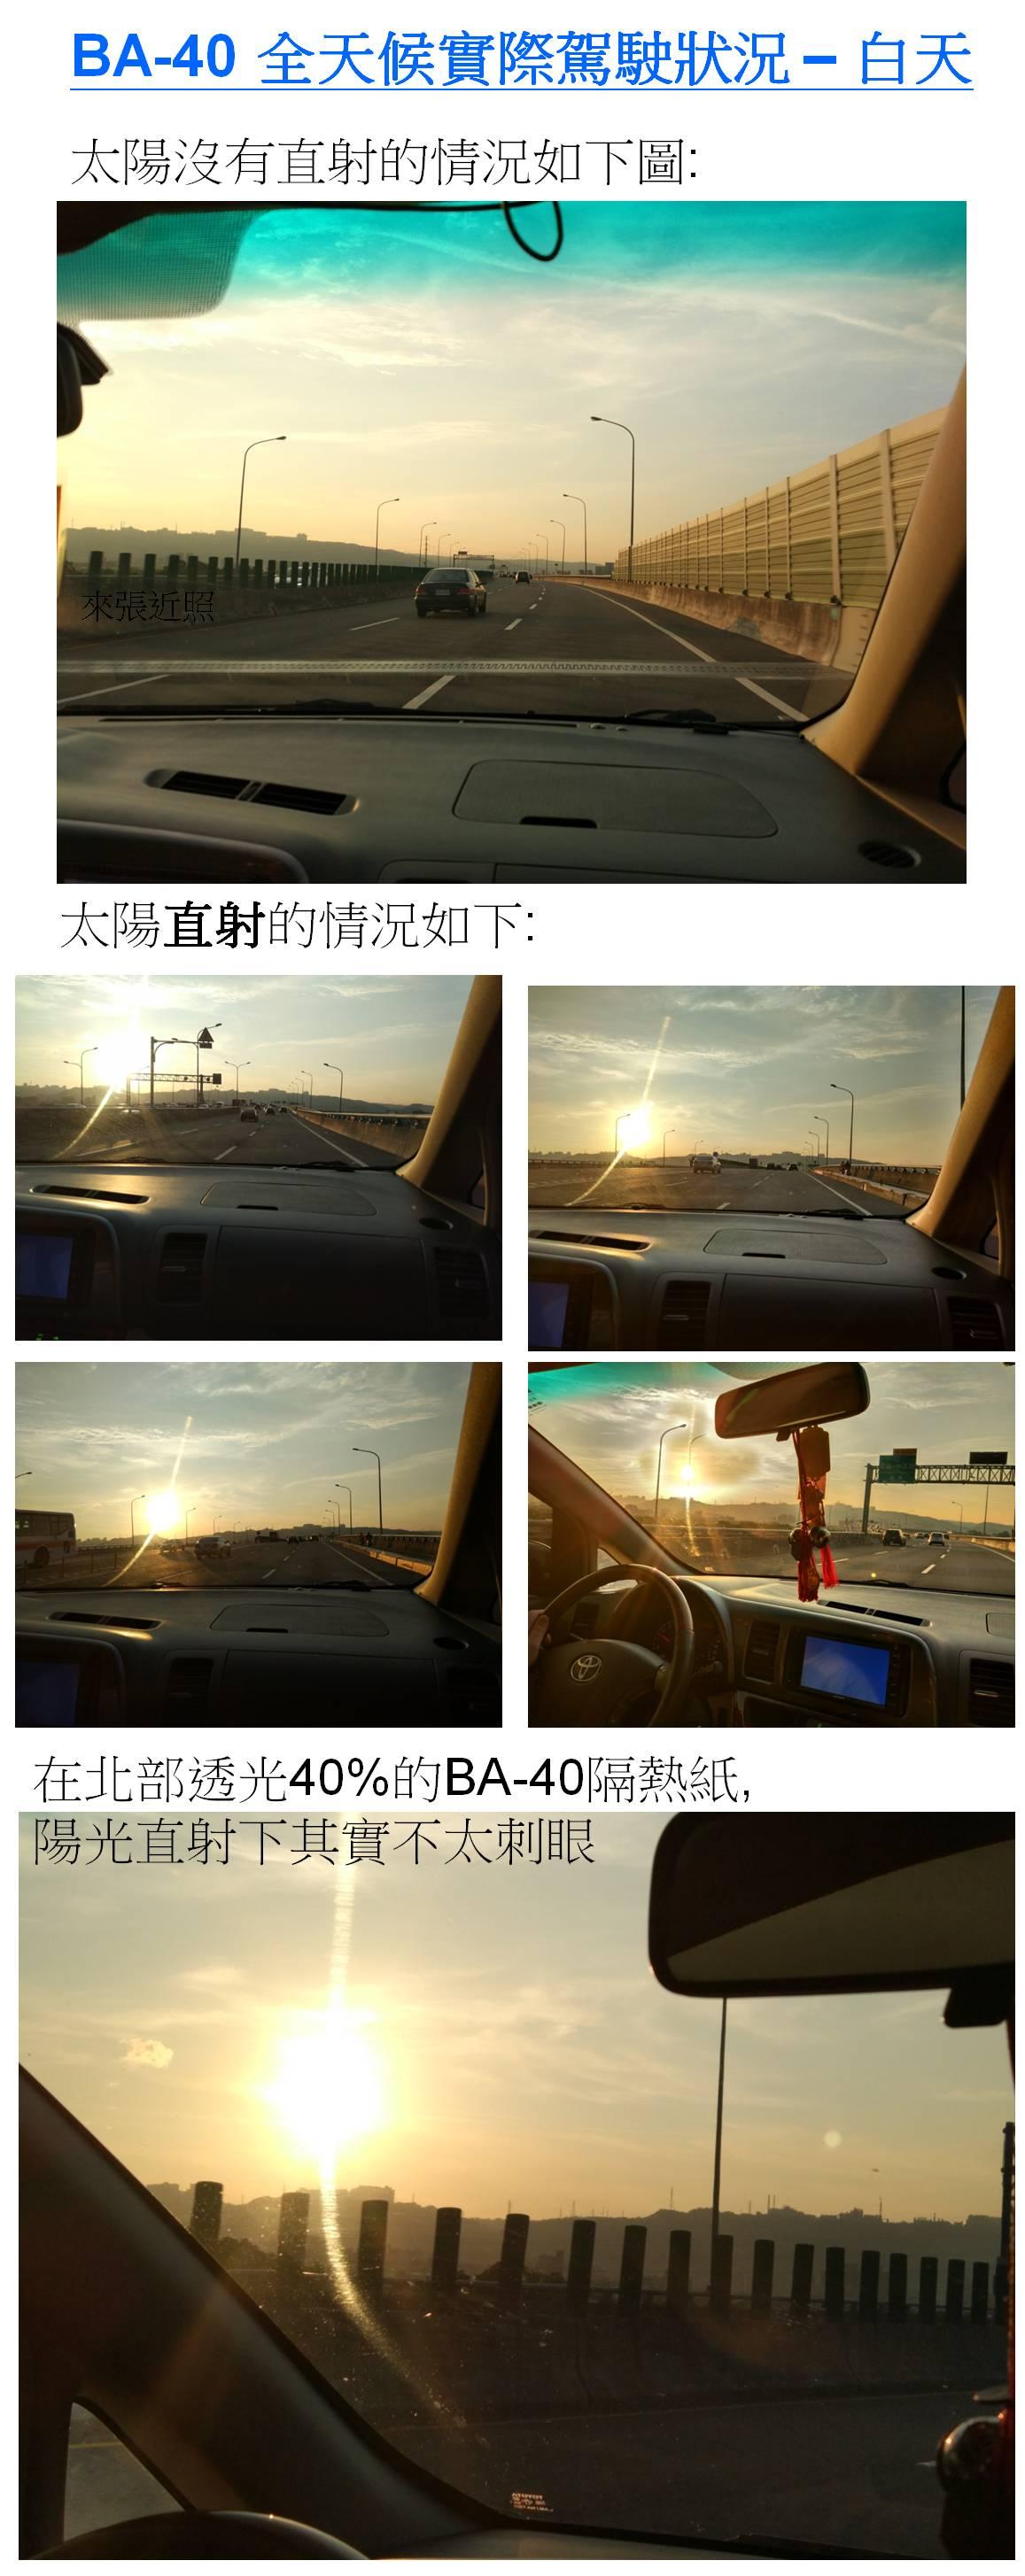 BA-40 全天候實際駕駛狀況 – 白天